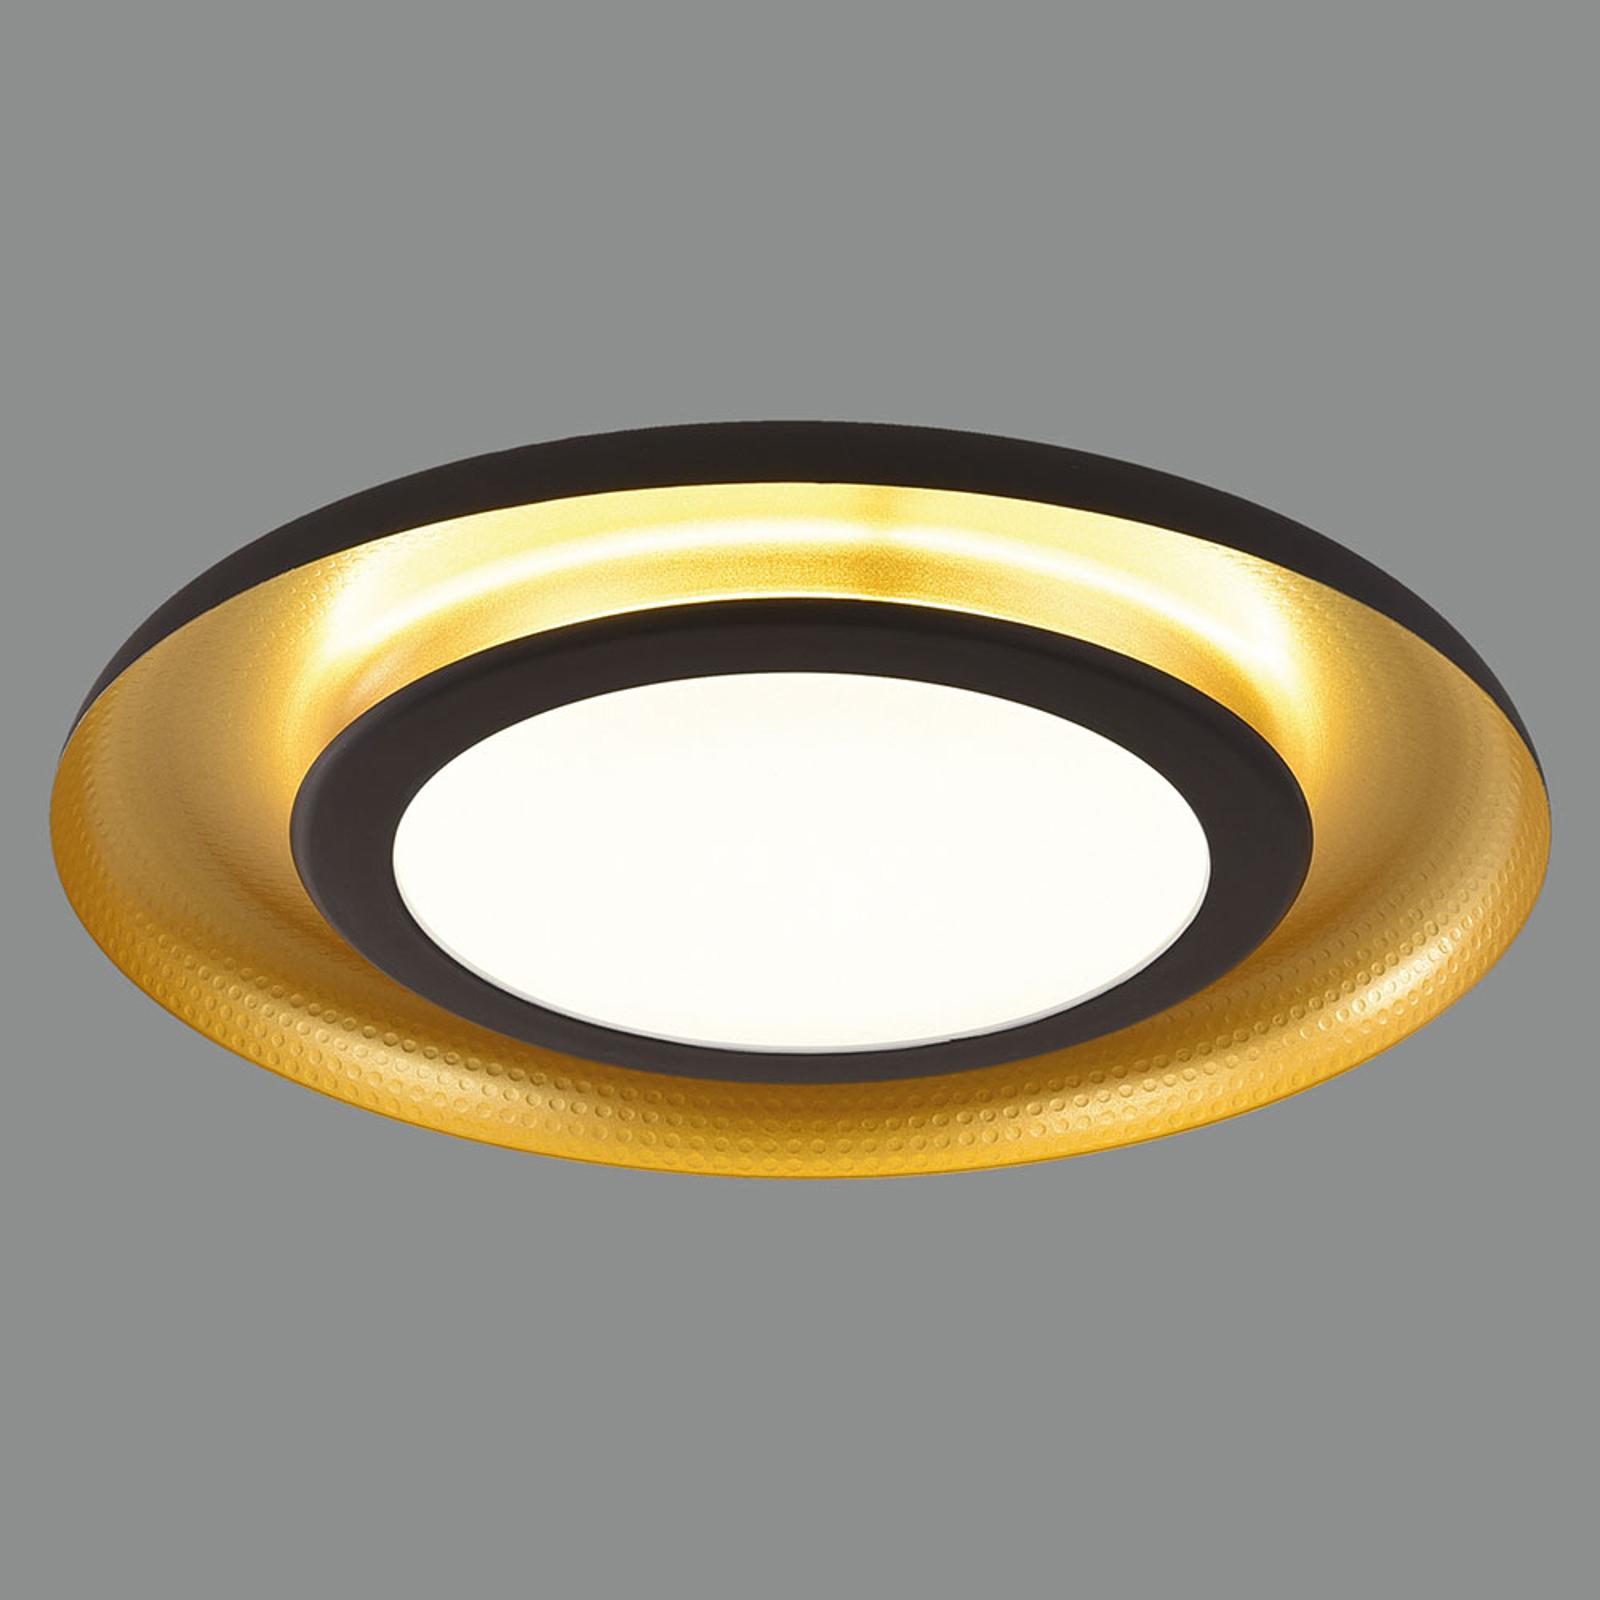 LED-taklampe Shiitake, svart og gull